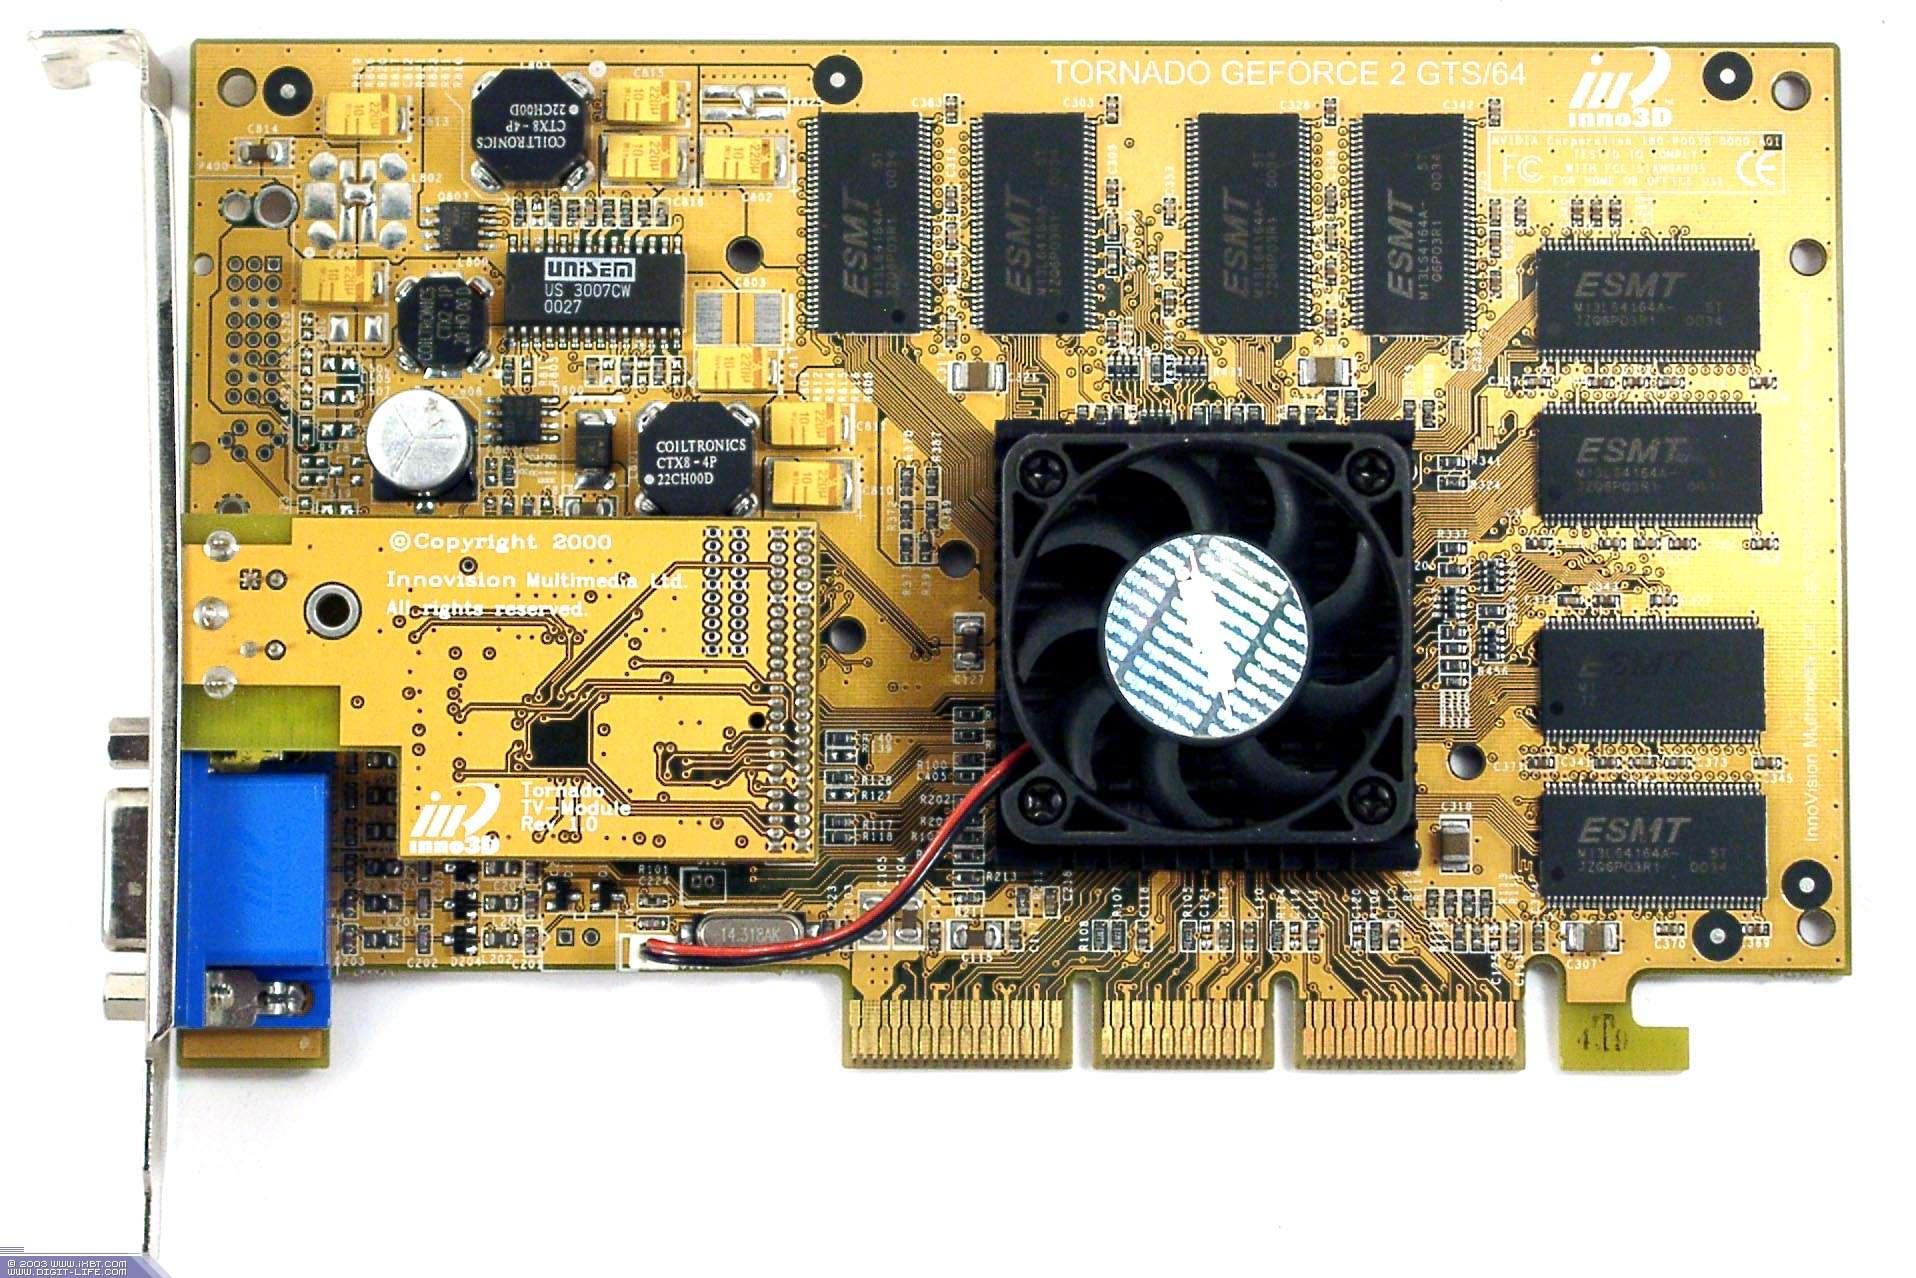 бесплатно драйвер для видеокарты geforce2 mx 200400